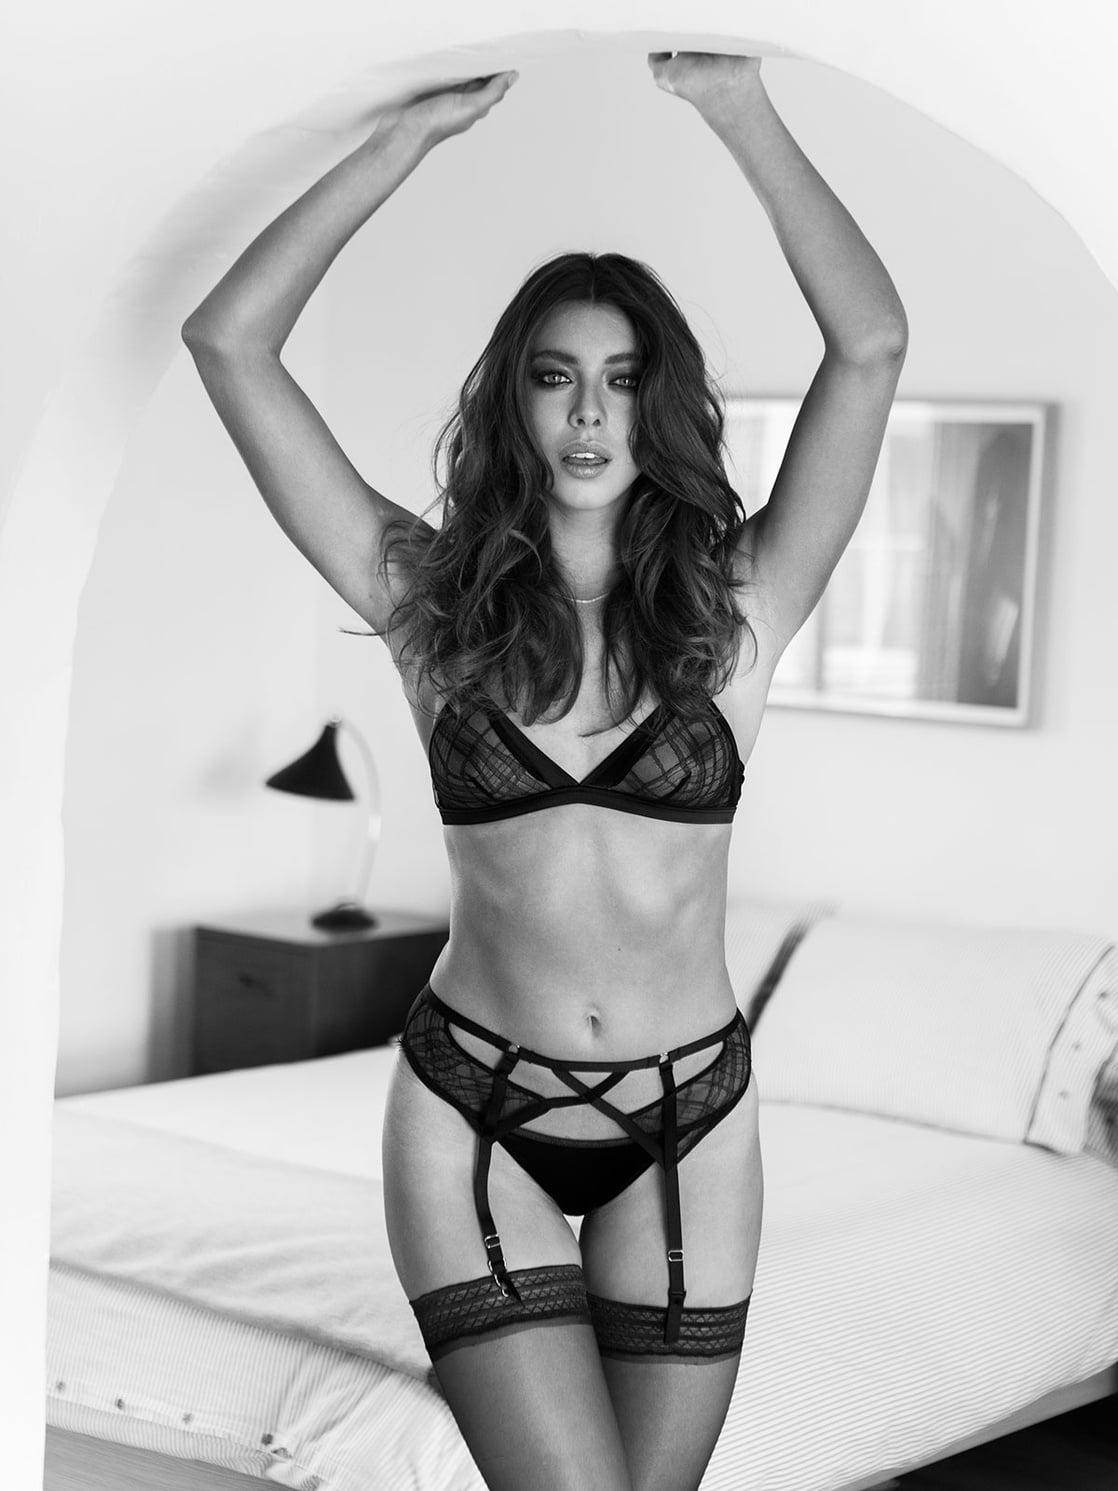 Photos Roxanna Dunlop naked (97 photo), Ass, Bikini, Twitter, swimsuit 2019